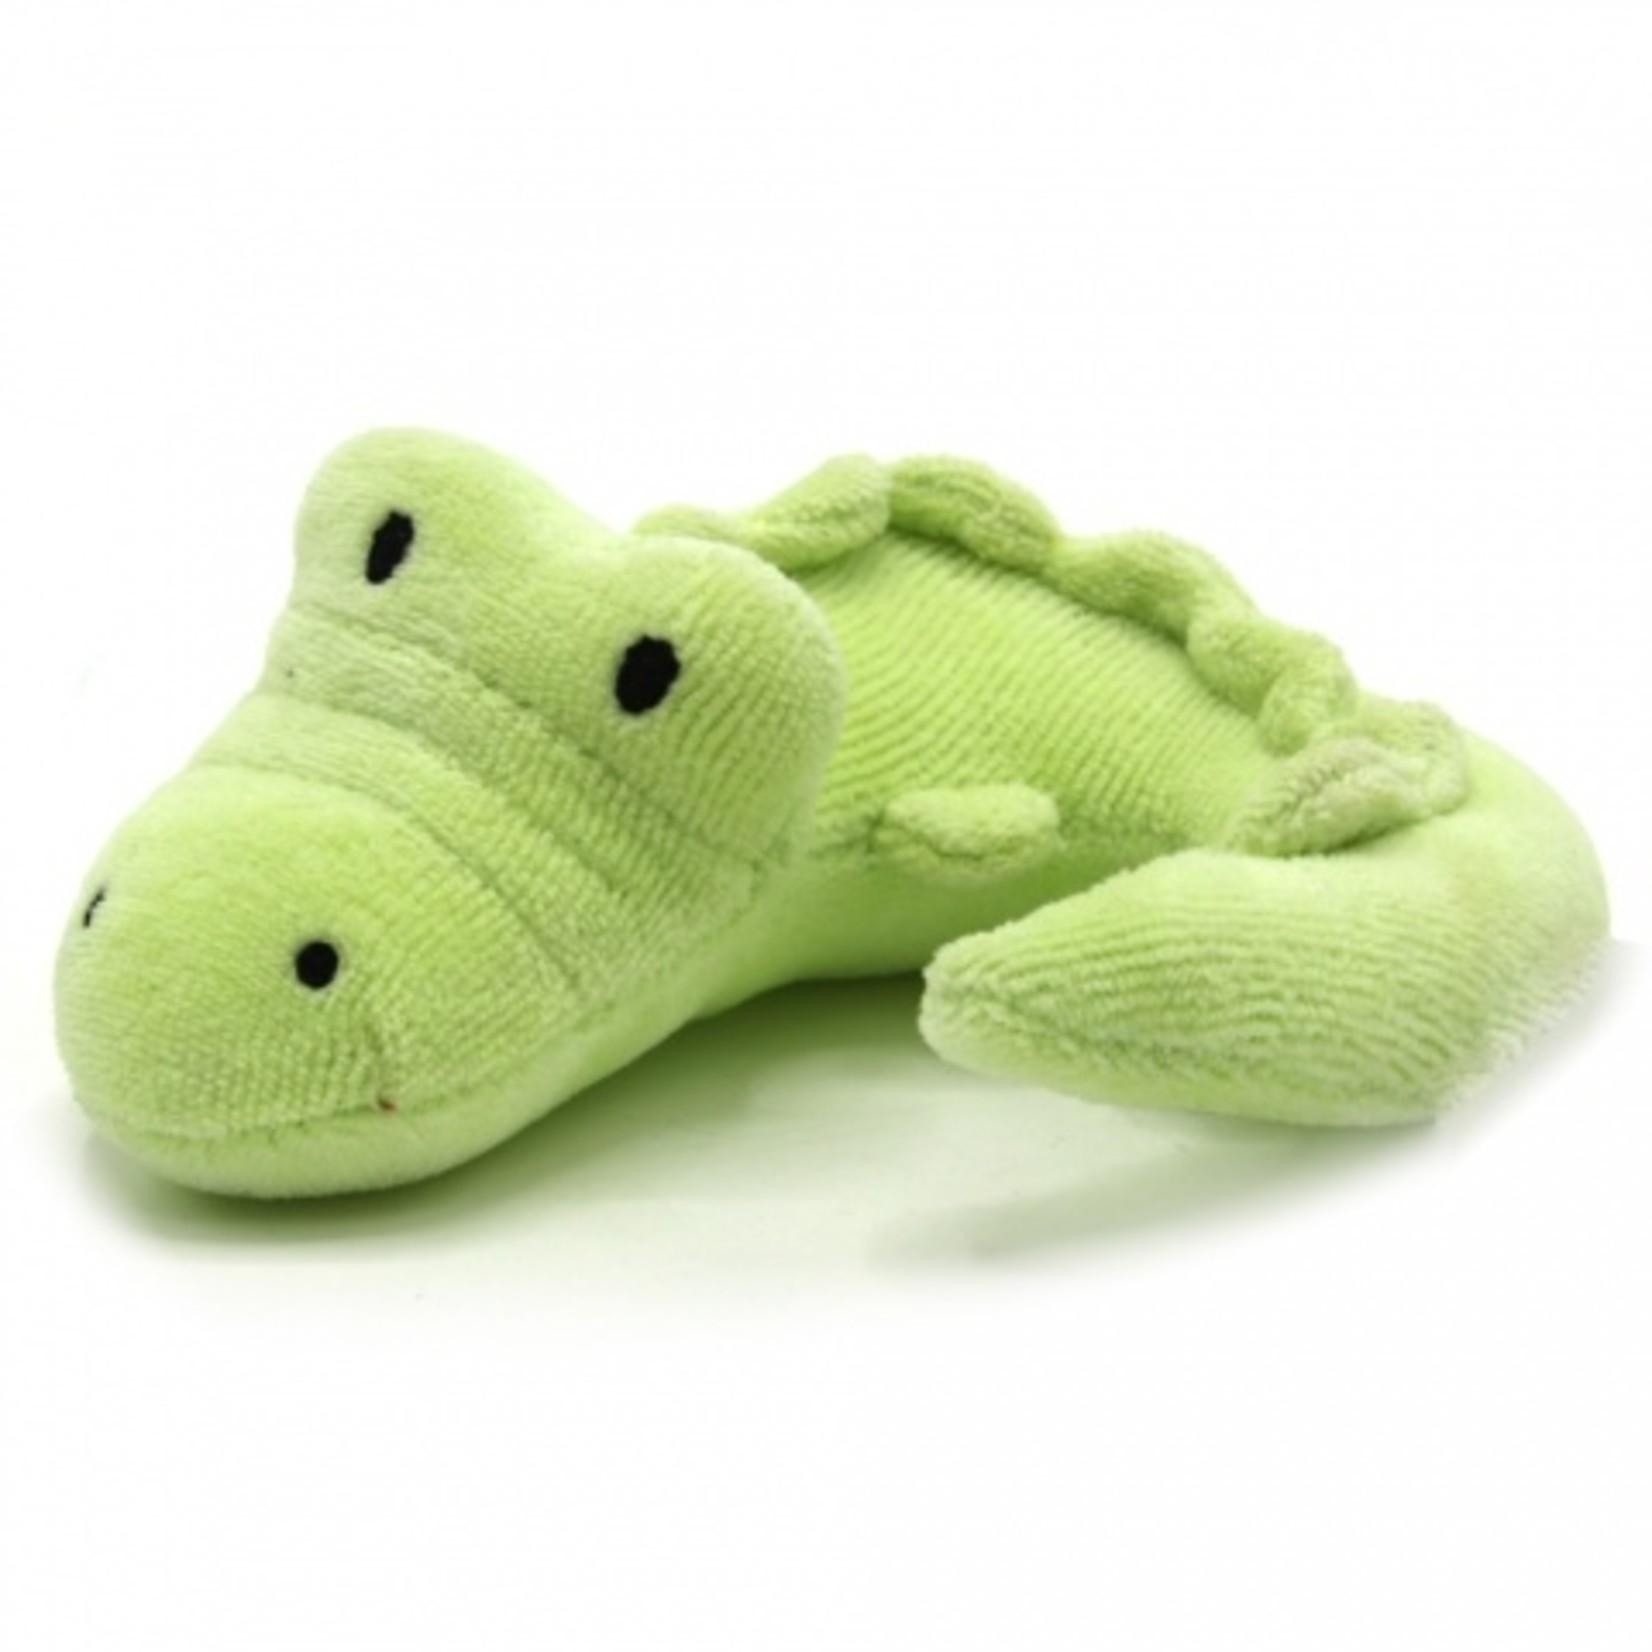 Knuffeltje - Krokodil - Vanaf 0mnd